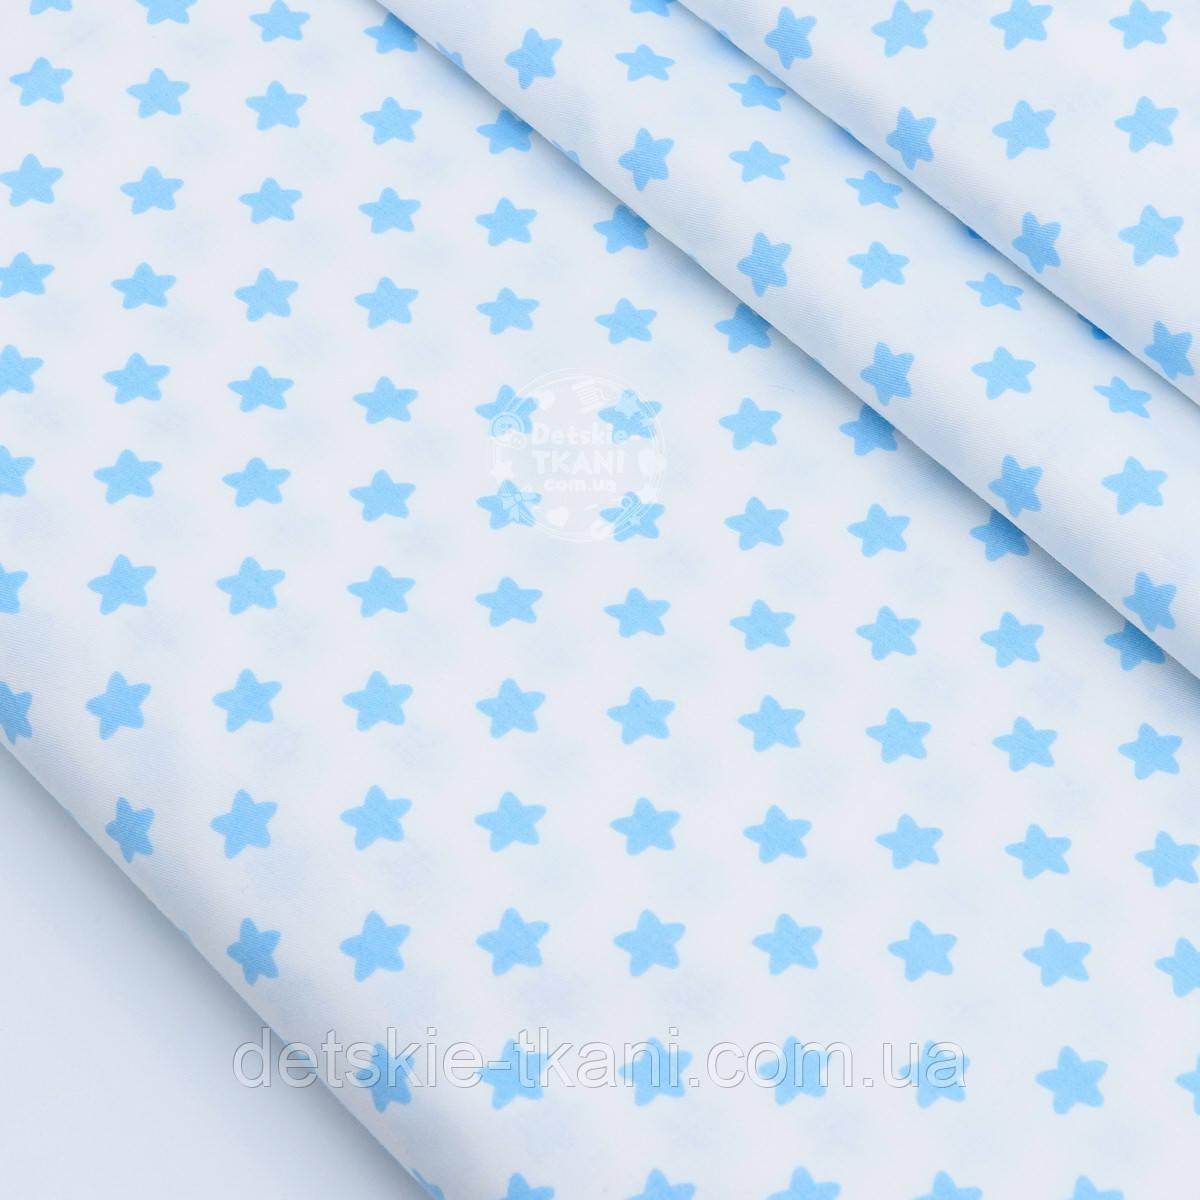 """Сатин ткань """"Густые звёздочки 12 мм"""" голубые на белом, № 1701с"""